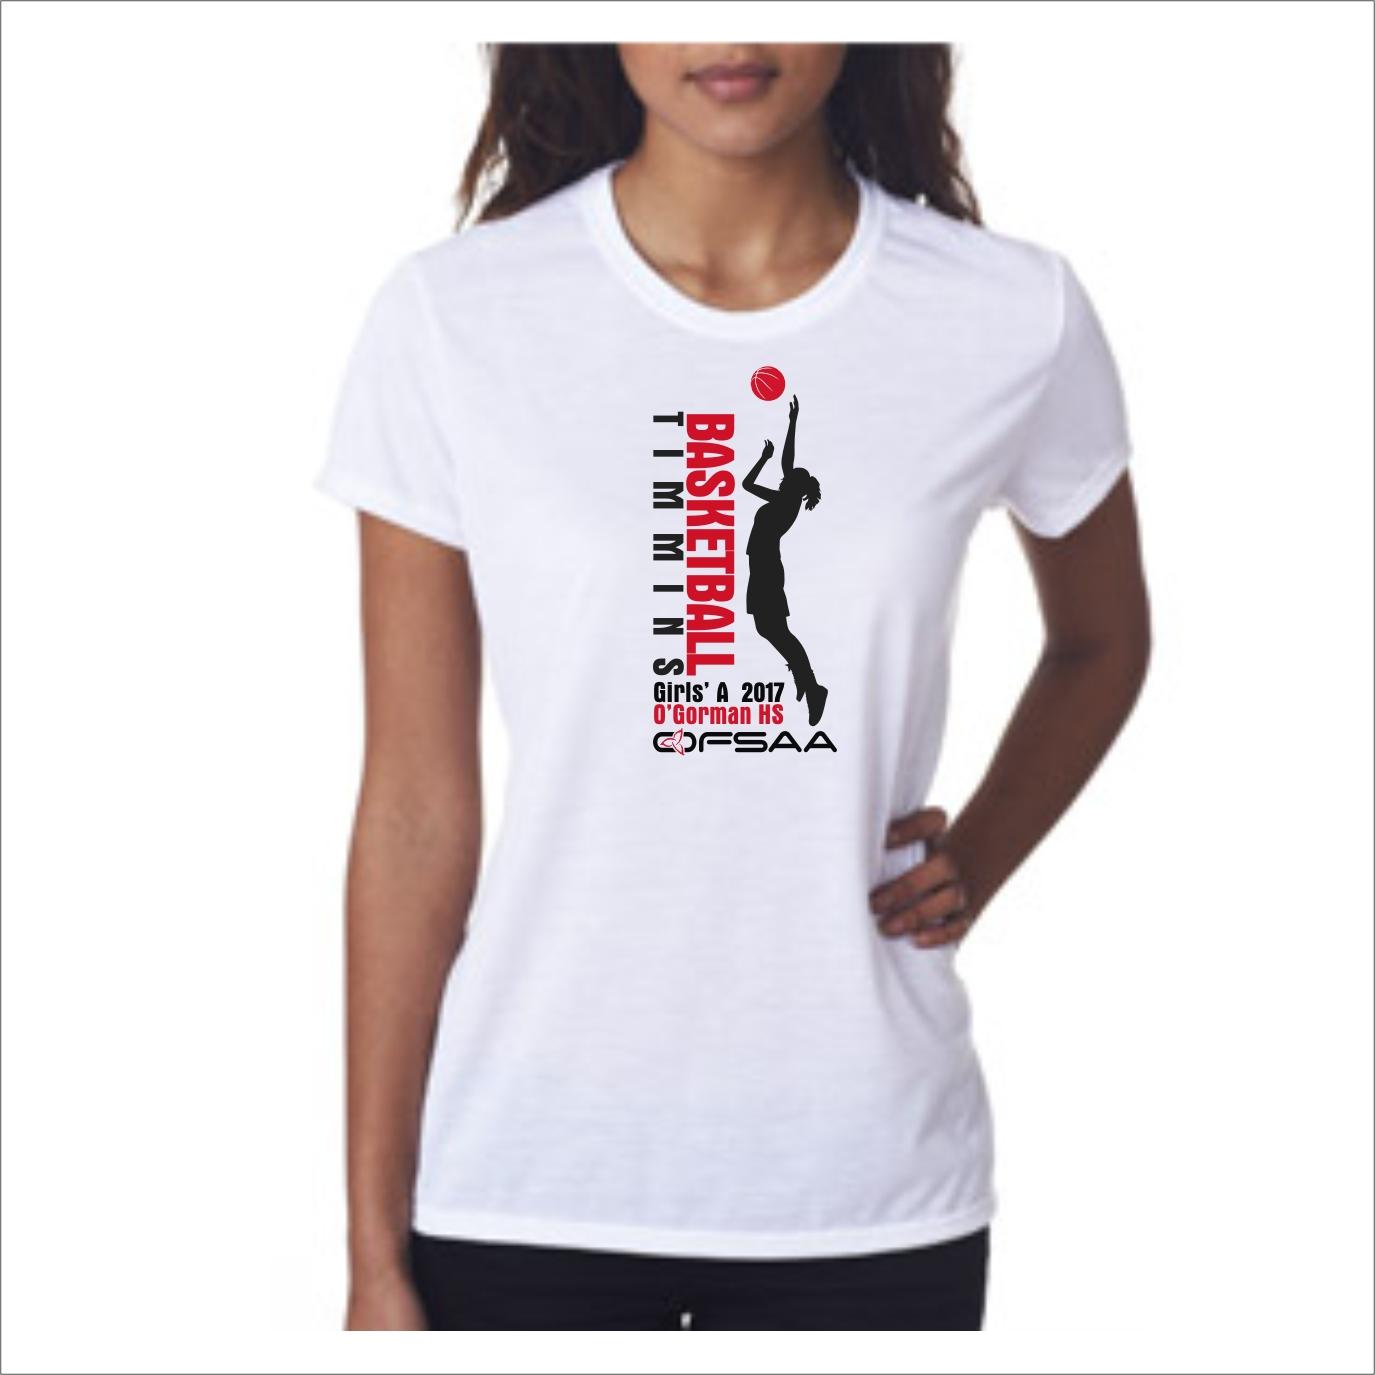 2017 Girls A Basketball SS T single.jpg